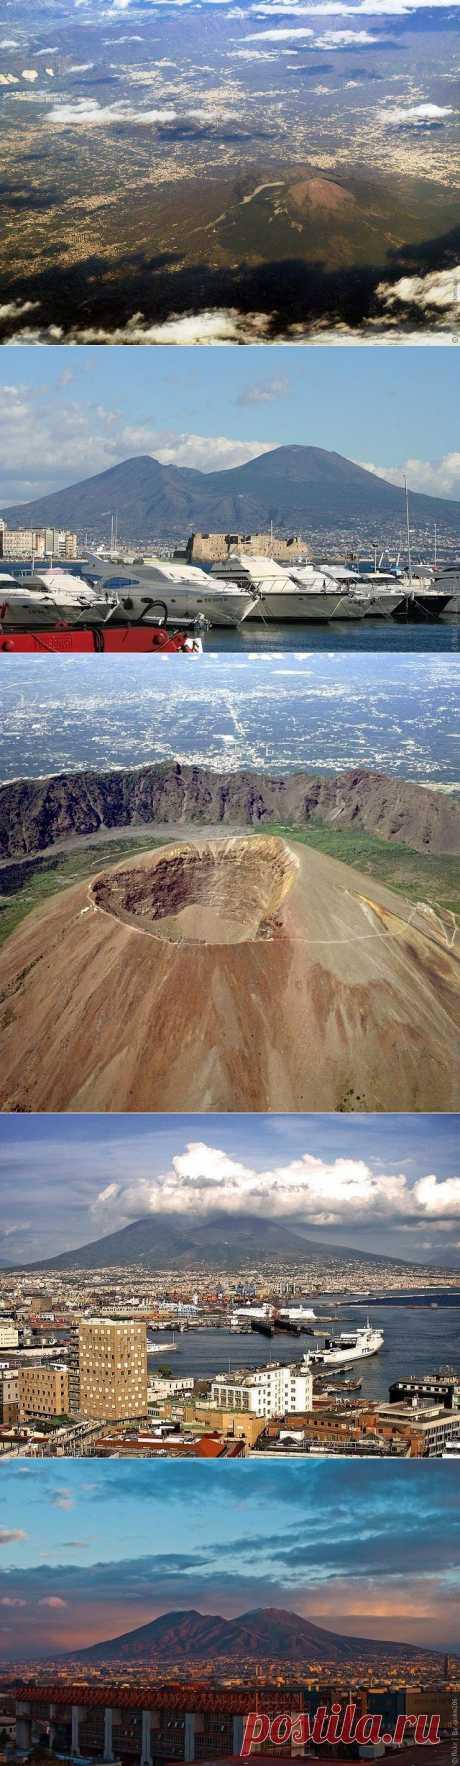 Вулкан Везувий в Италии, фото вулкана Везувий